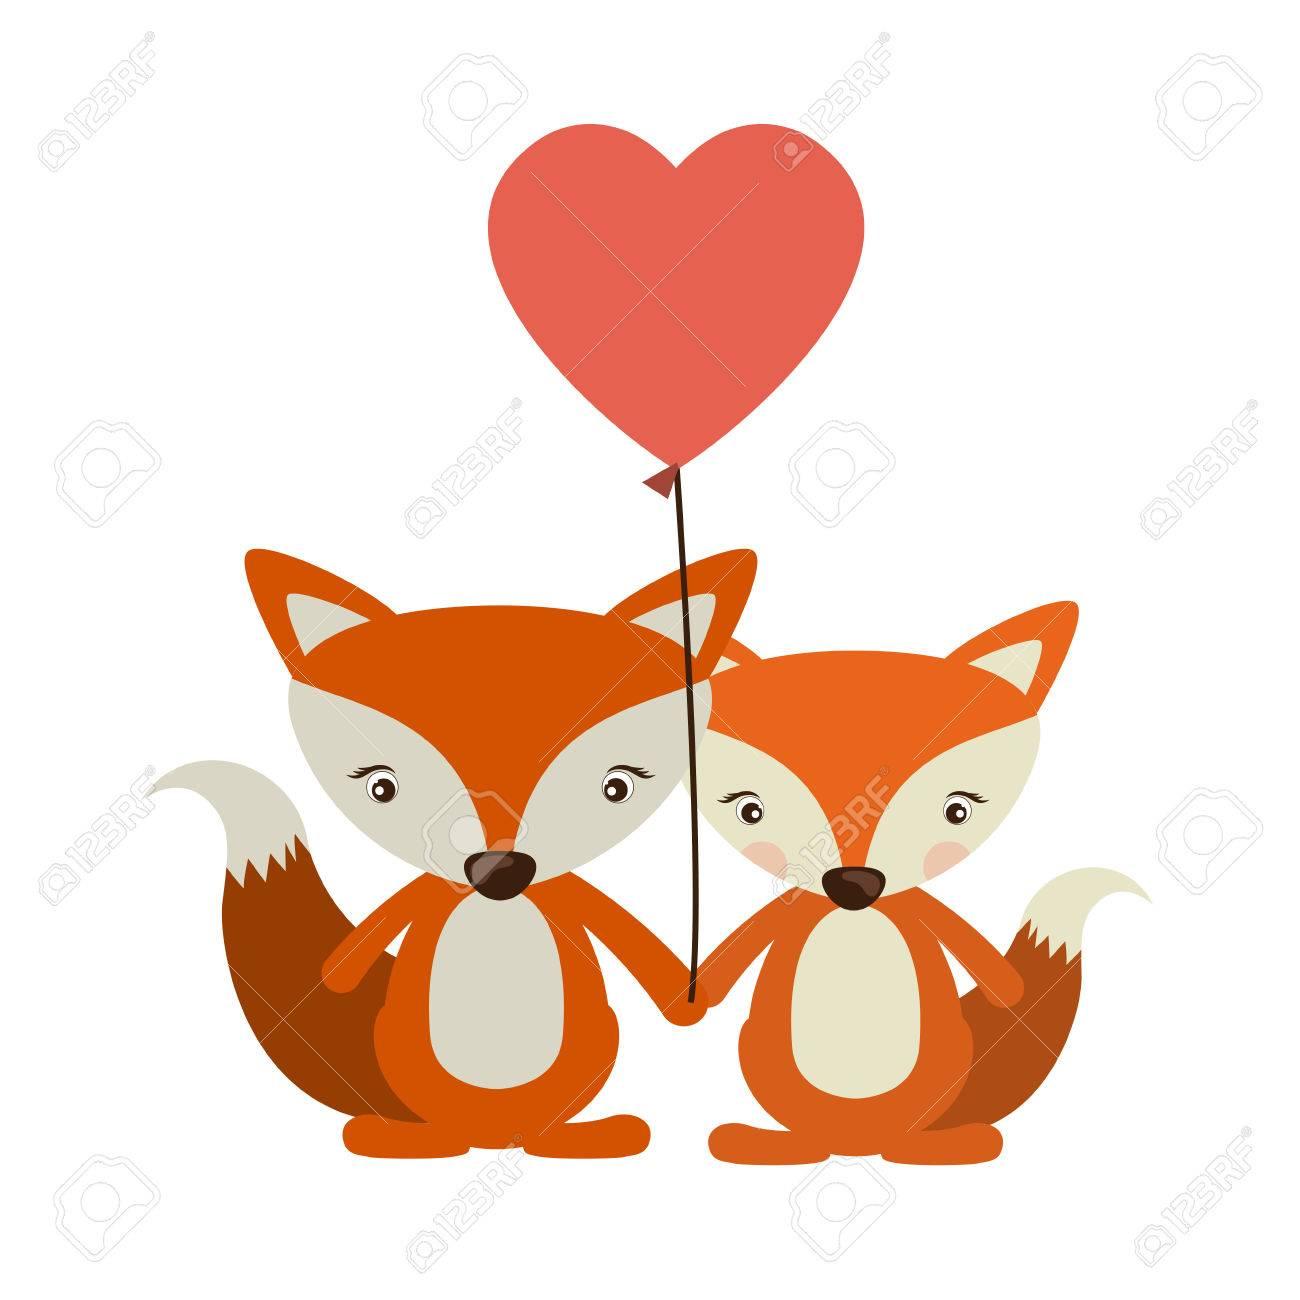 De Dibujos Animados Fox En Icono Del Amor Animal Lindo Adorable